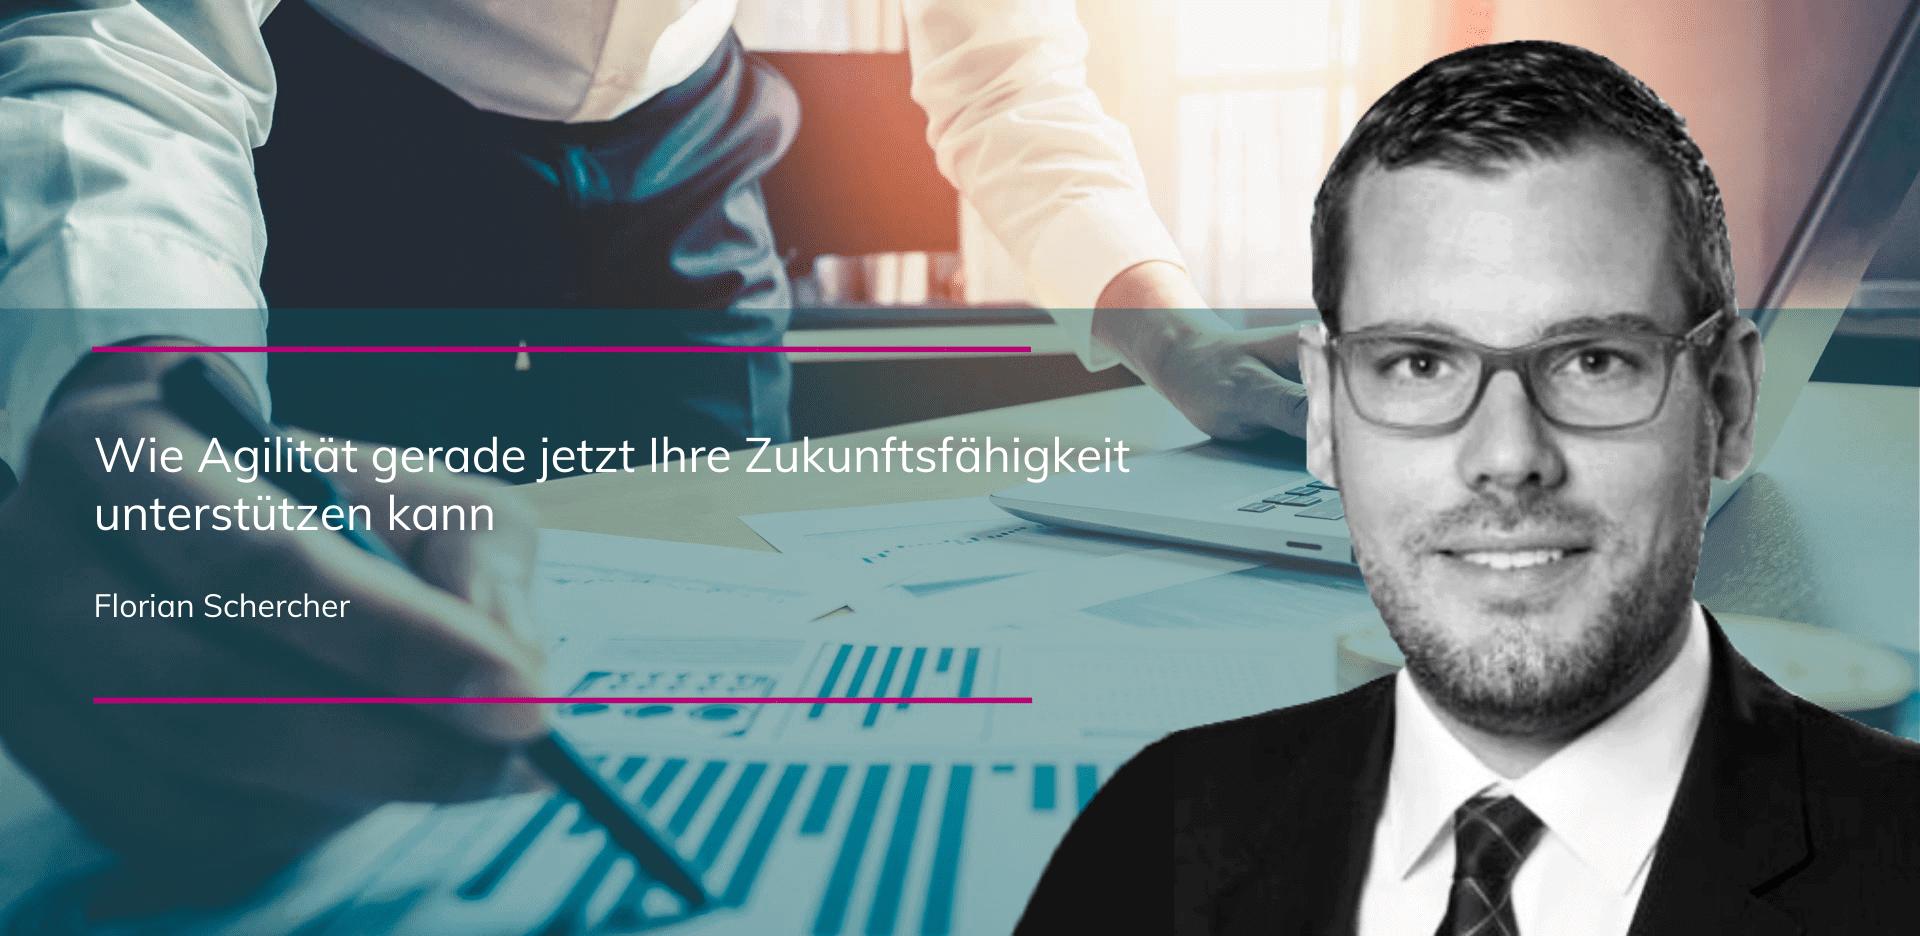 Florian Schercher - Wie Agilität gerade jetzt Ihre Zukunftsfähigkeit unterstützen kann